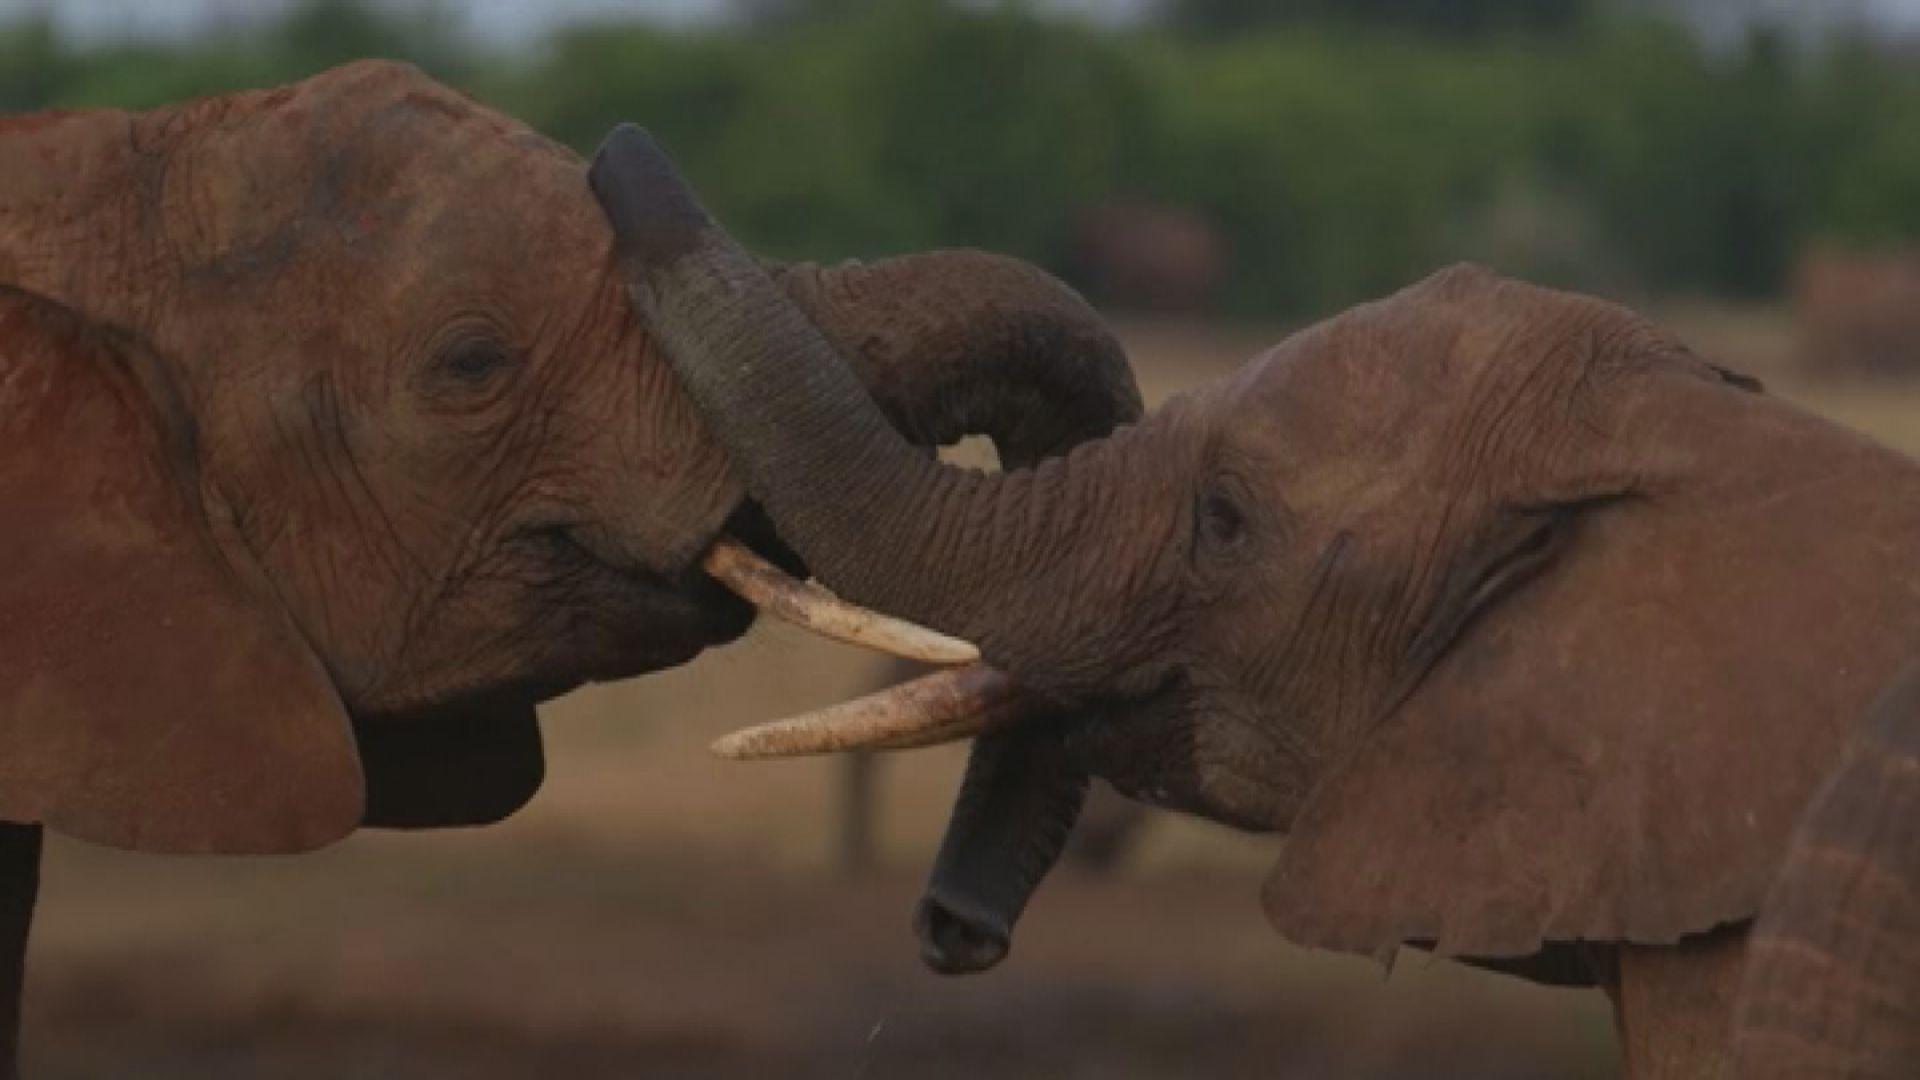 【環球薈報】人類過度開發令野生動物數量大減